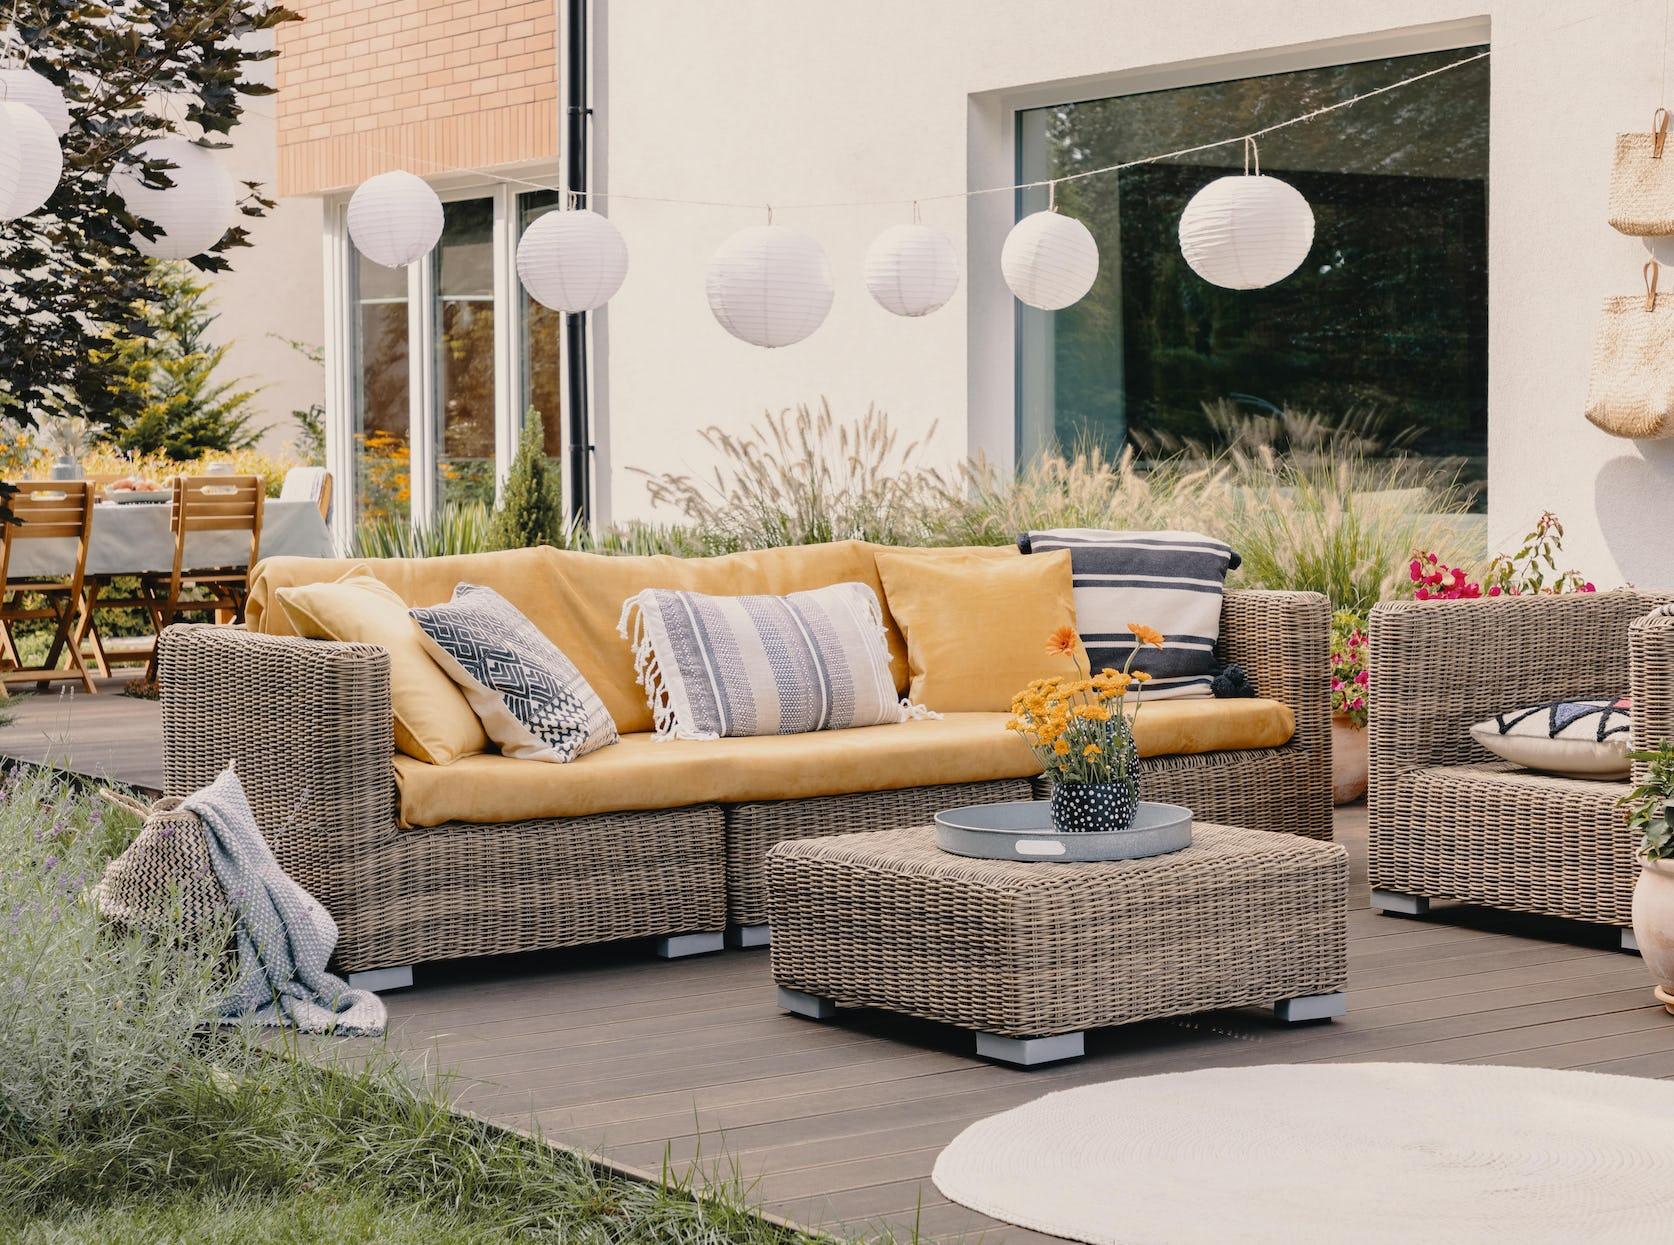 mobilier de jardin confortable